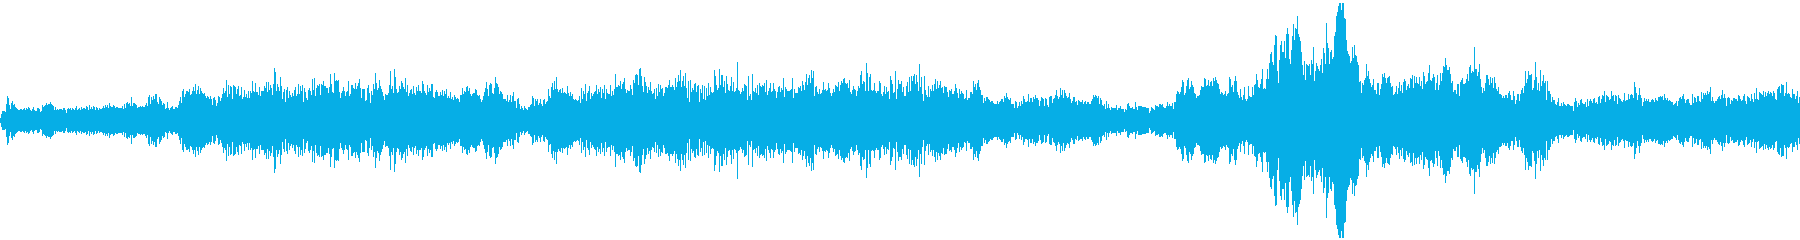 混乱アクセント2の再生済みの波形